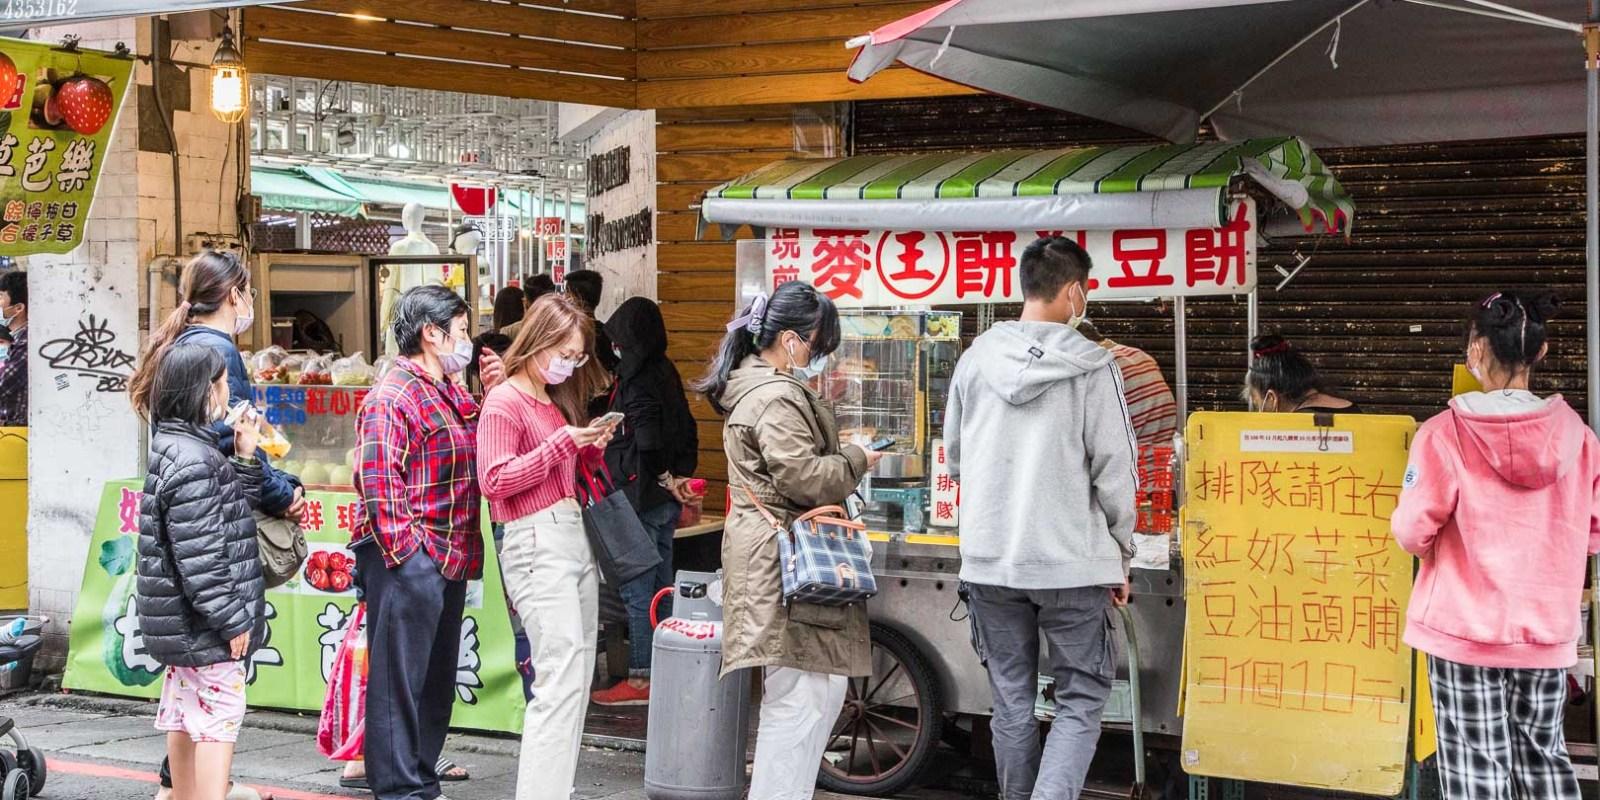 [中壢美食]王記現煎麥餅紅豆餅/這價格停在二十年前吧!?車輪餅三個竟然只要十元!